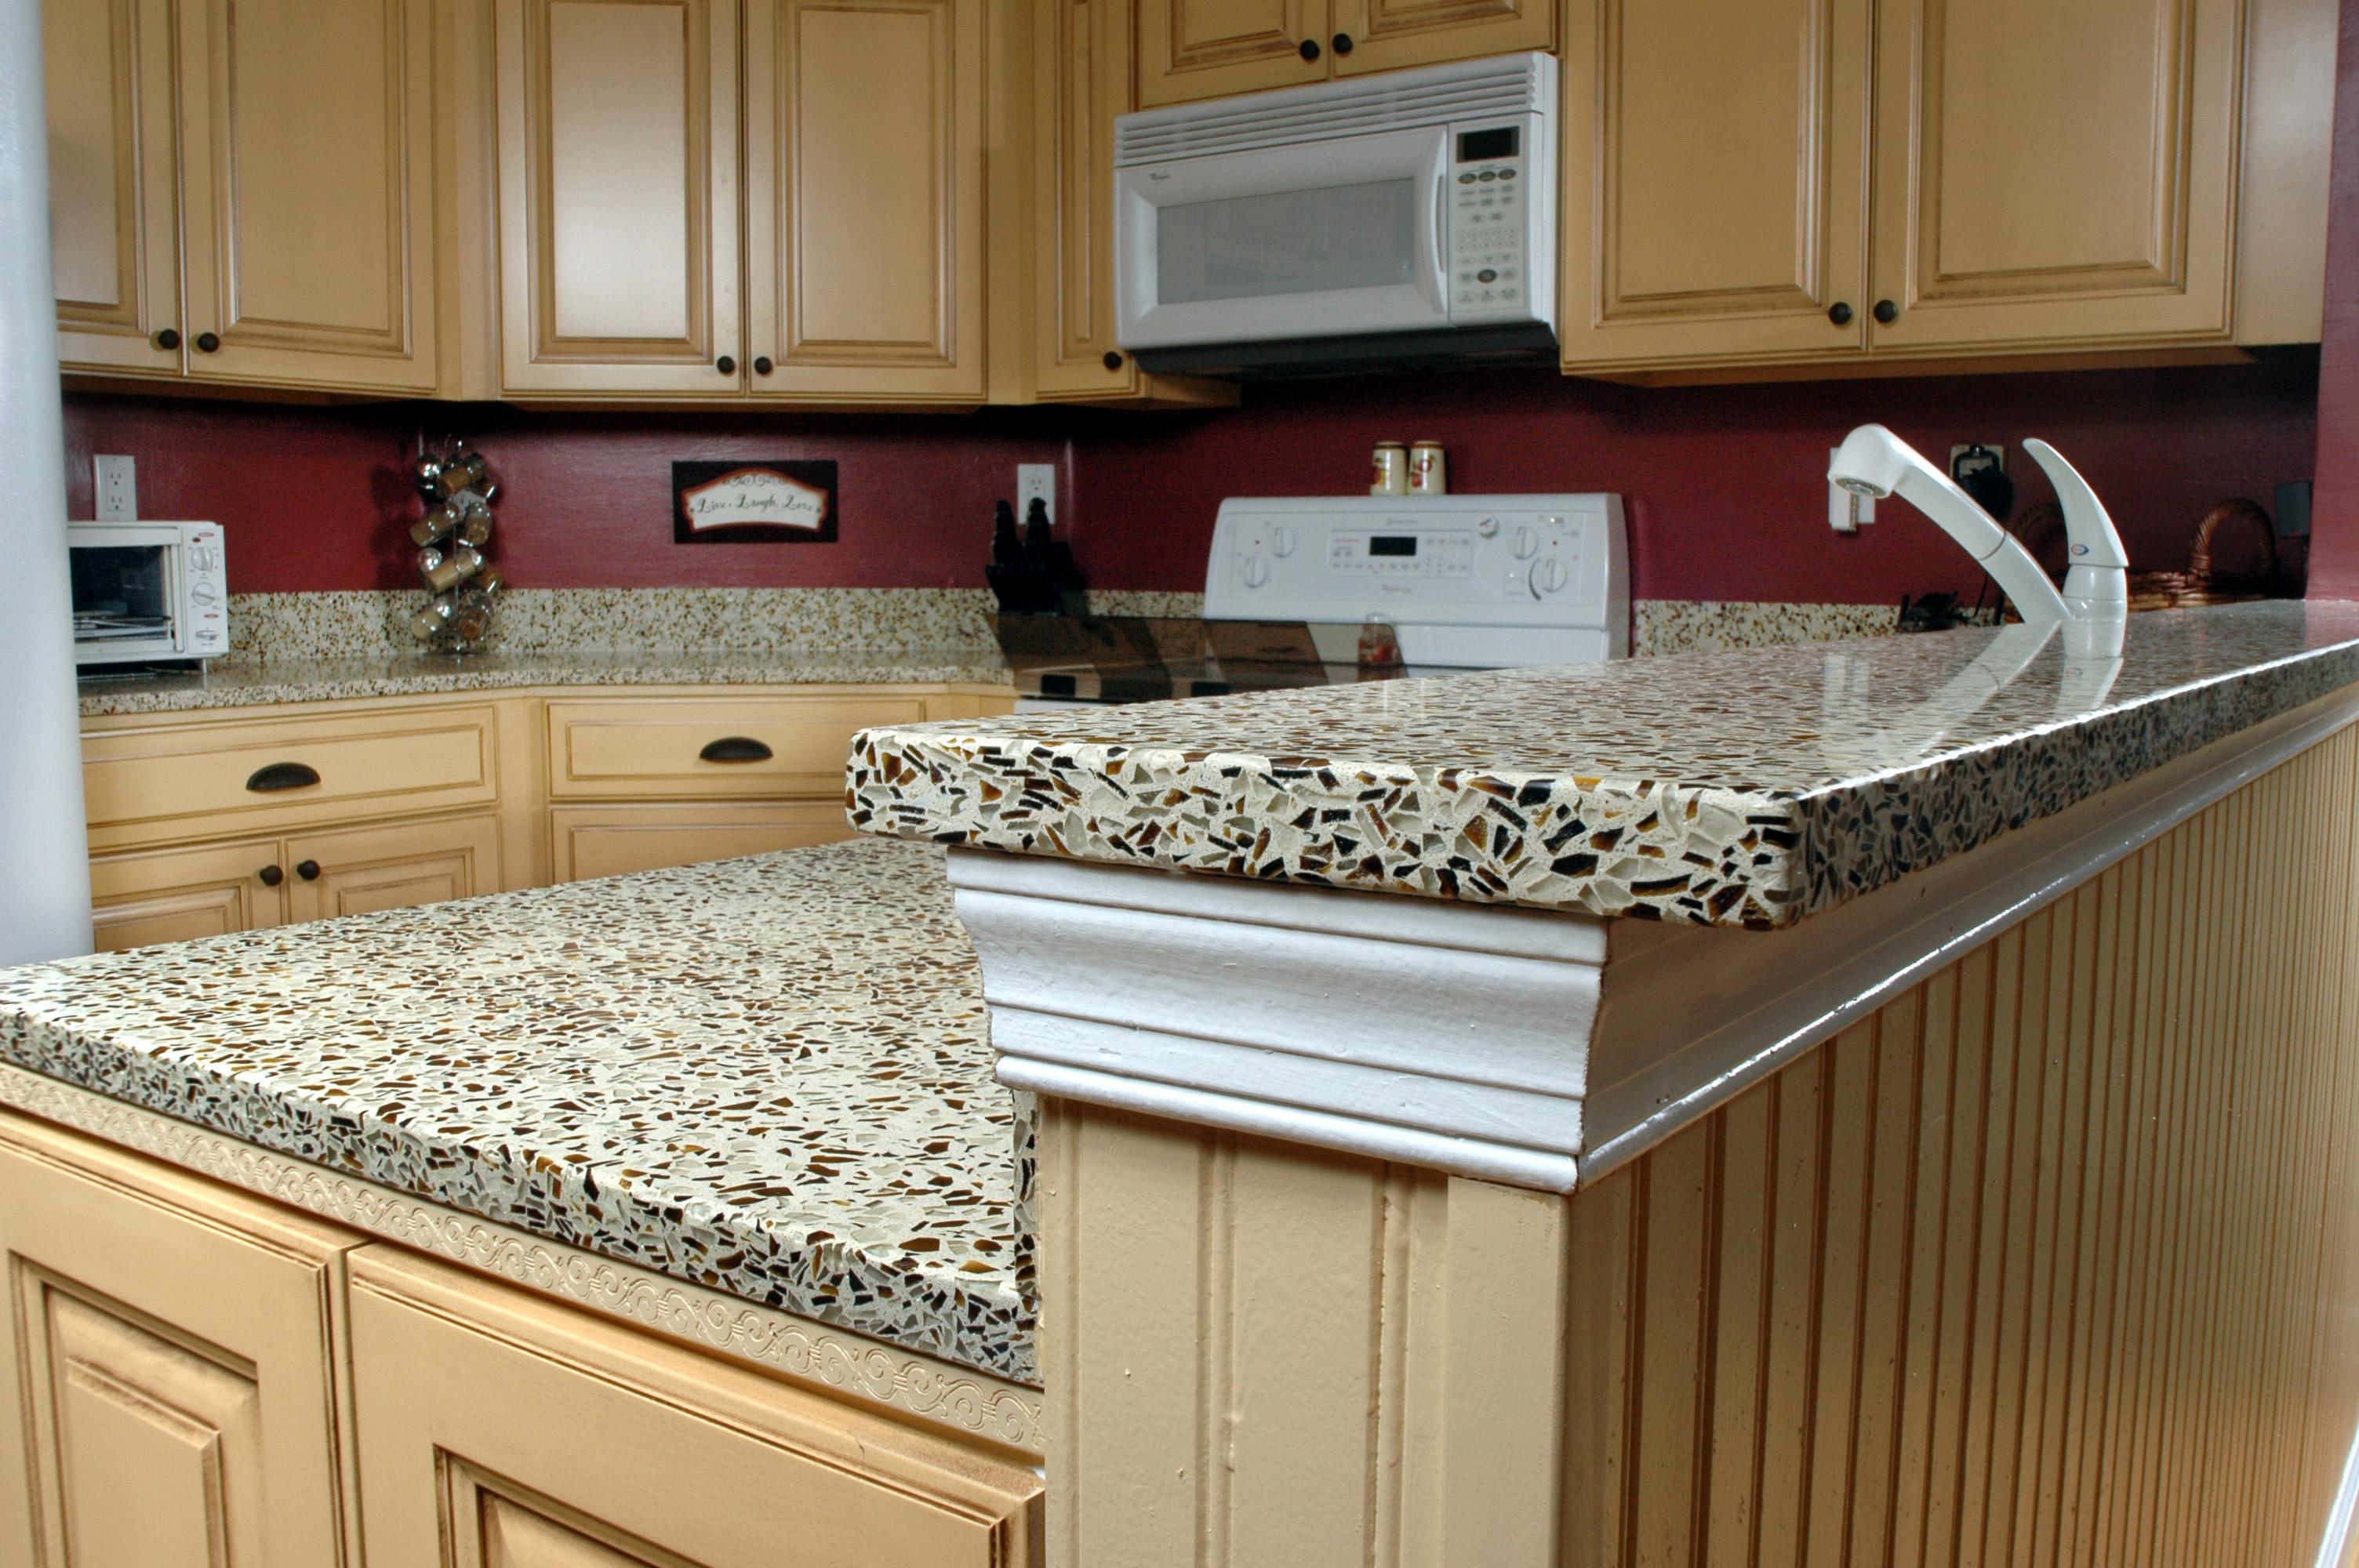 painting kitchen countertops ideas kitchen countertop ideas Elegant Brown Painting Kitchen Countertops Ideas Image 5 of 10